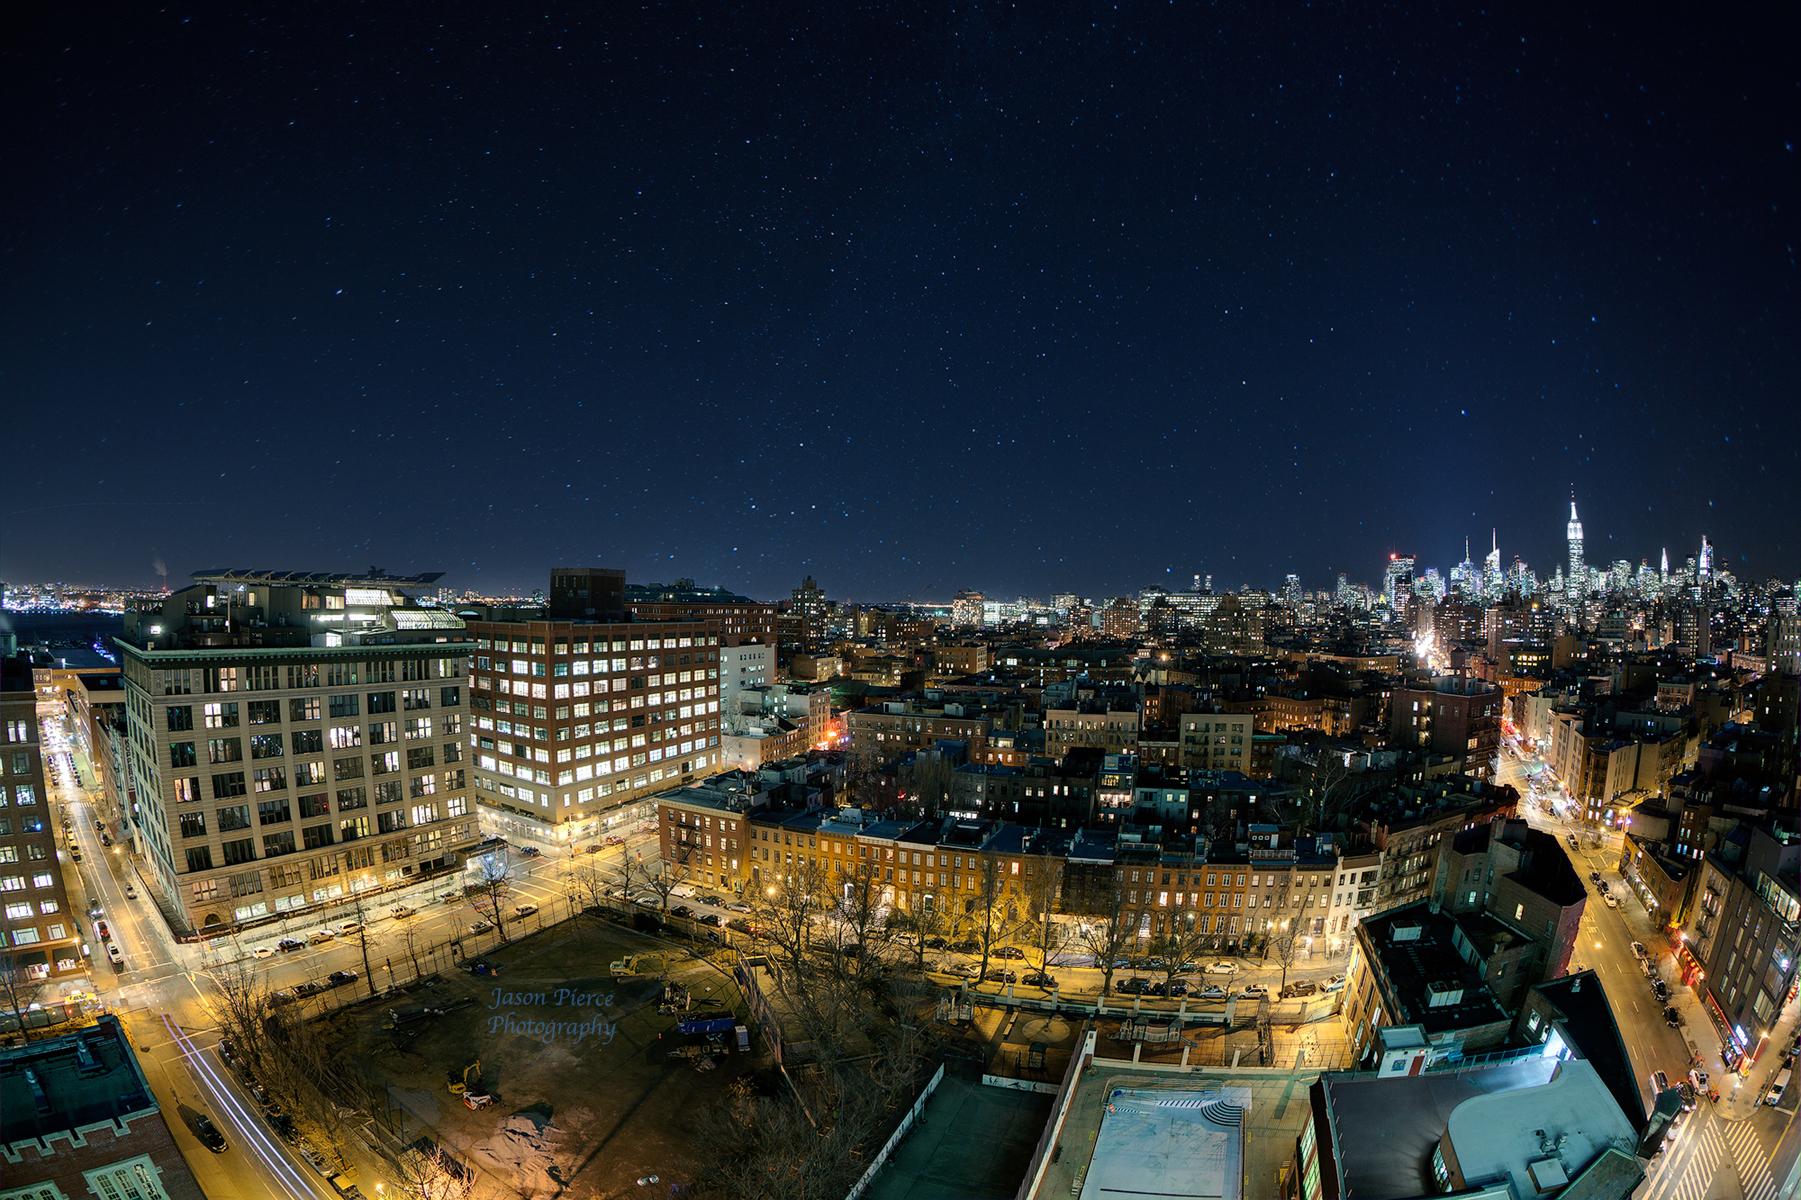 одной стороны ночной мариуполь фото с крыш нем